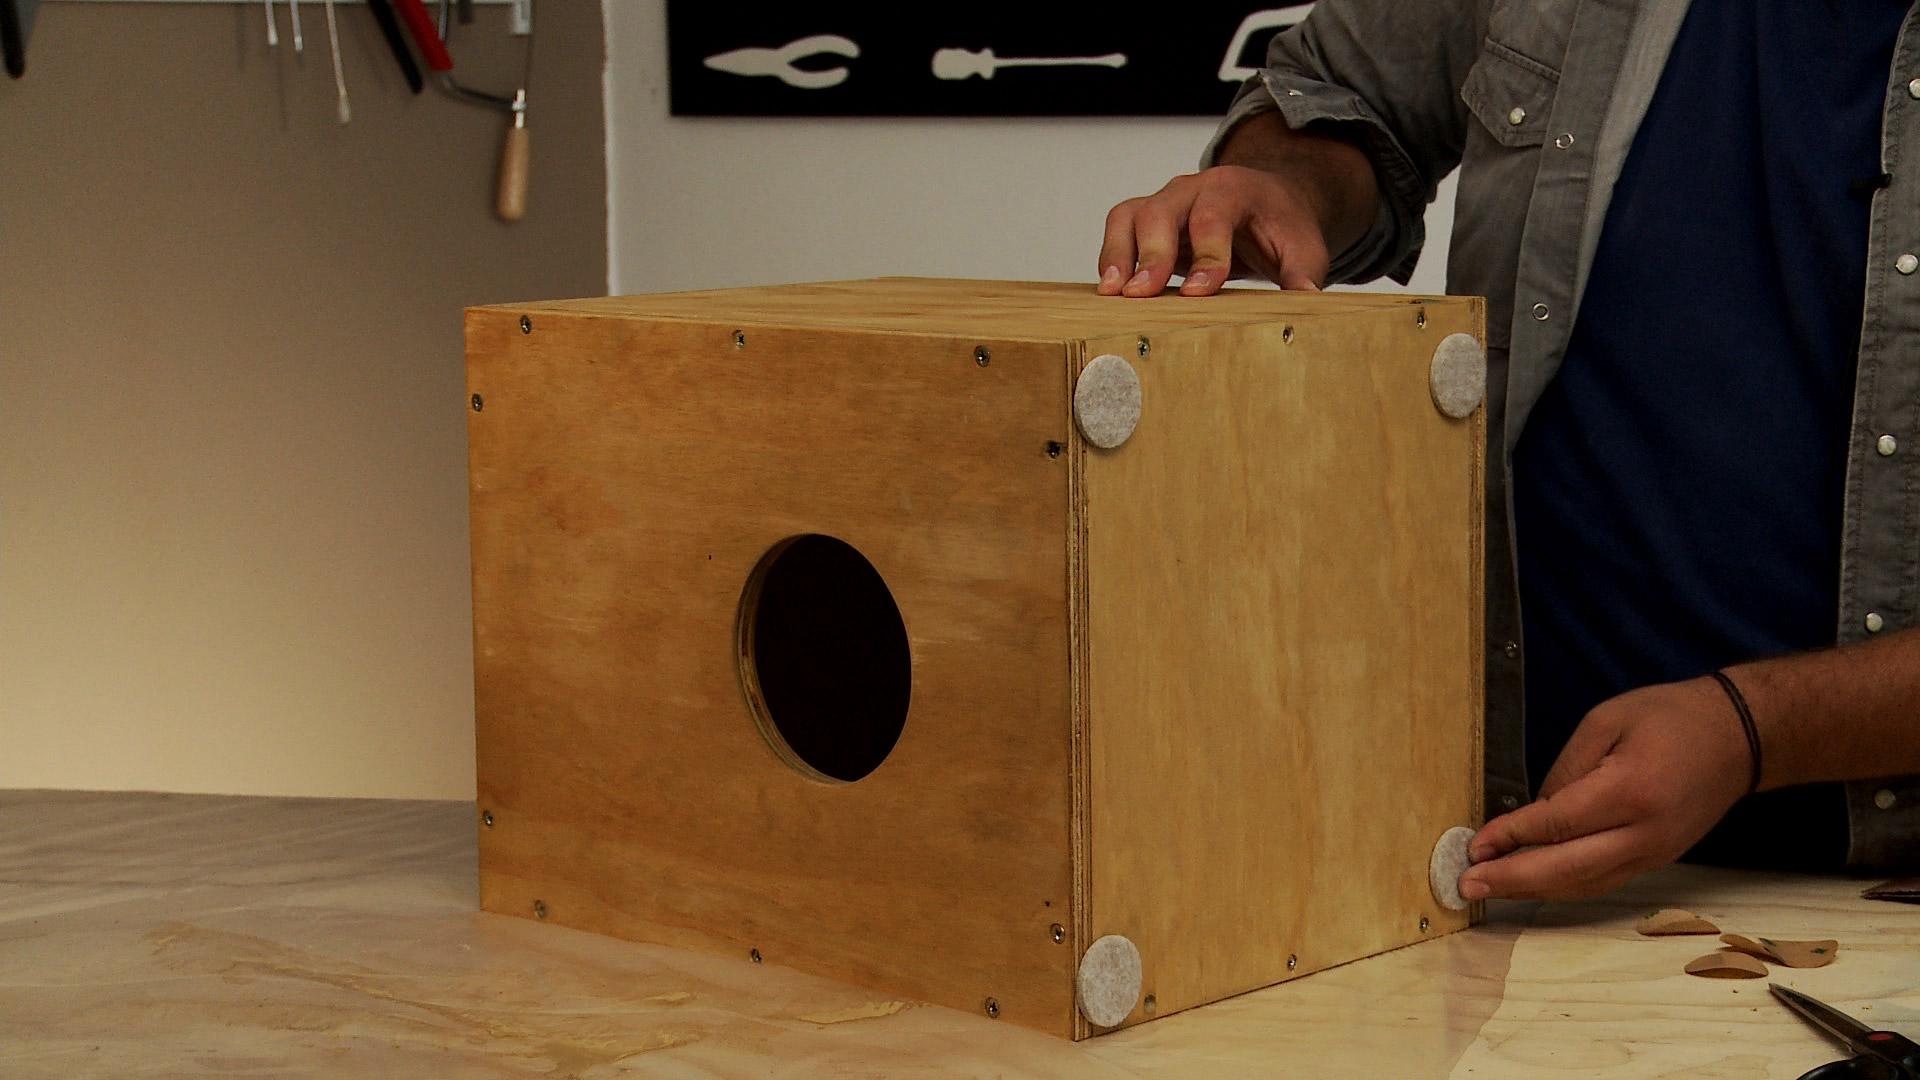 Una forma de divertirnos dentro de la casa es tocando instrumentos, y lo bueno es que lo podemos hacer nosotros mismos. El de este proyecto se llama cajón peruano, y es un instrumento de percusión que tiene origen africano, pero que llegó a Perú en la época de la colonia.